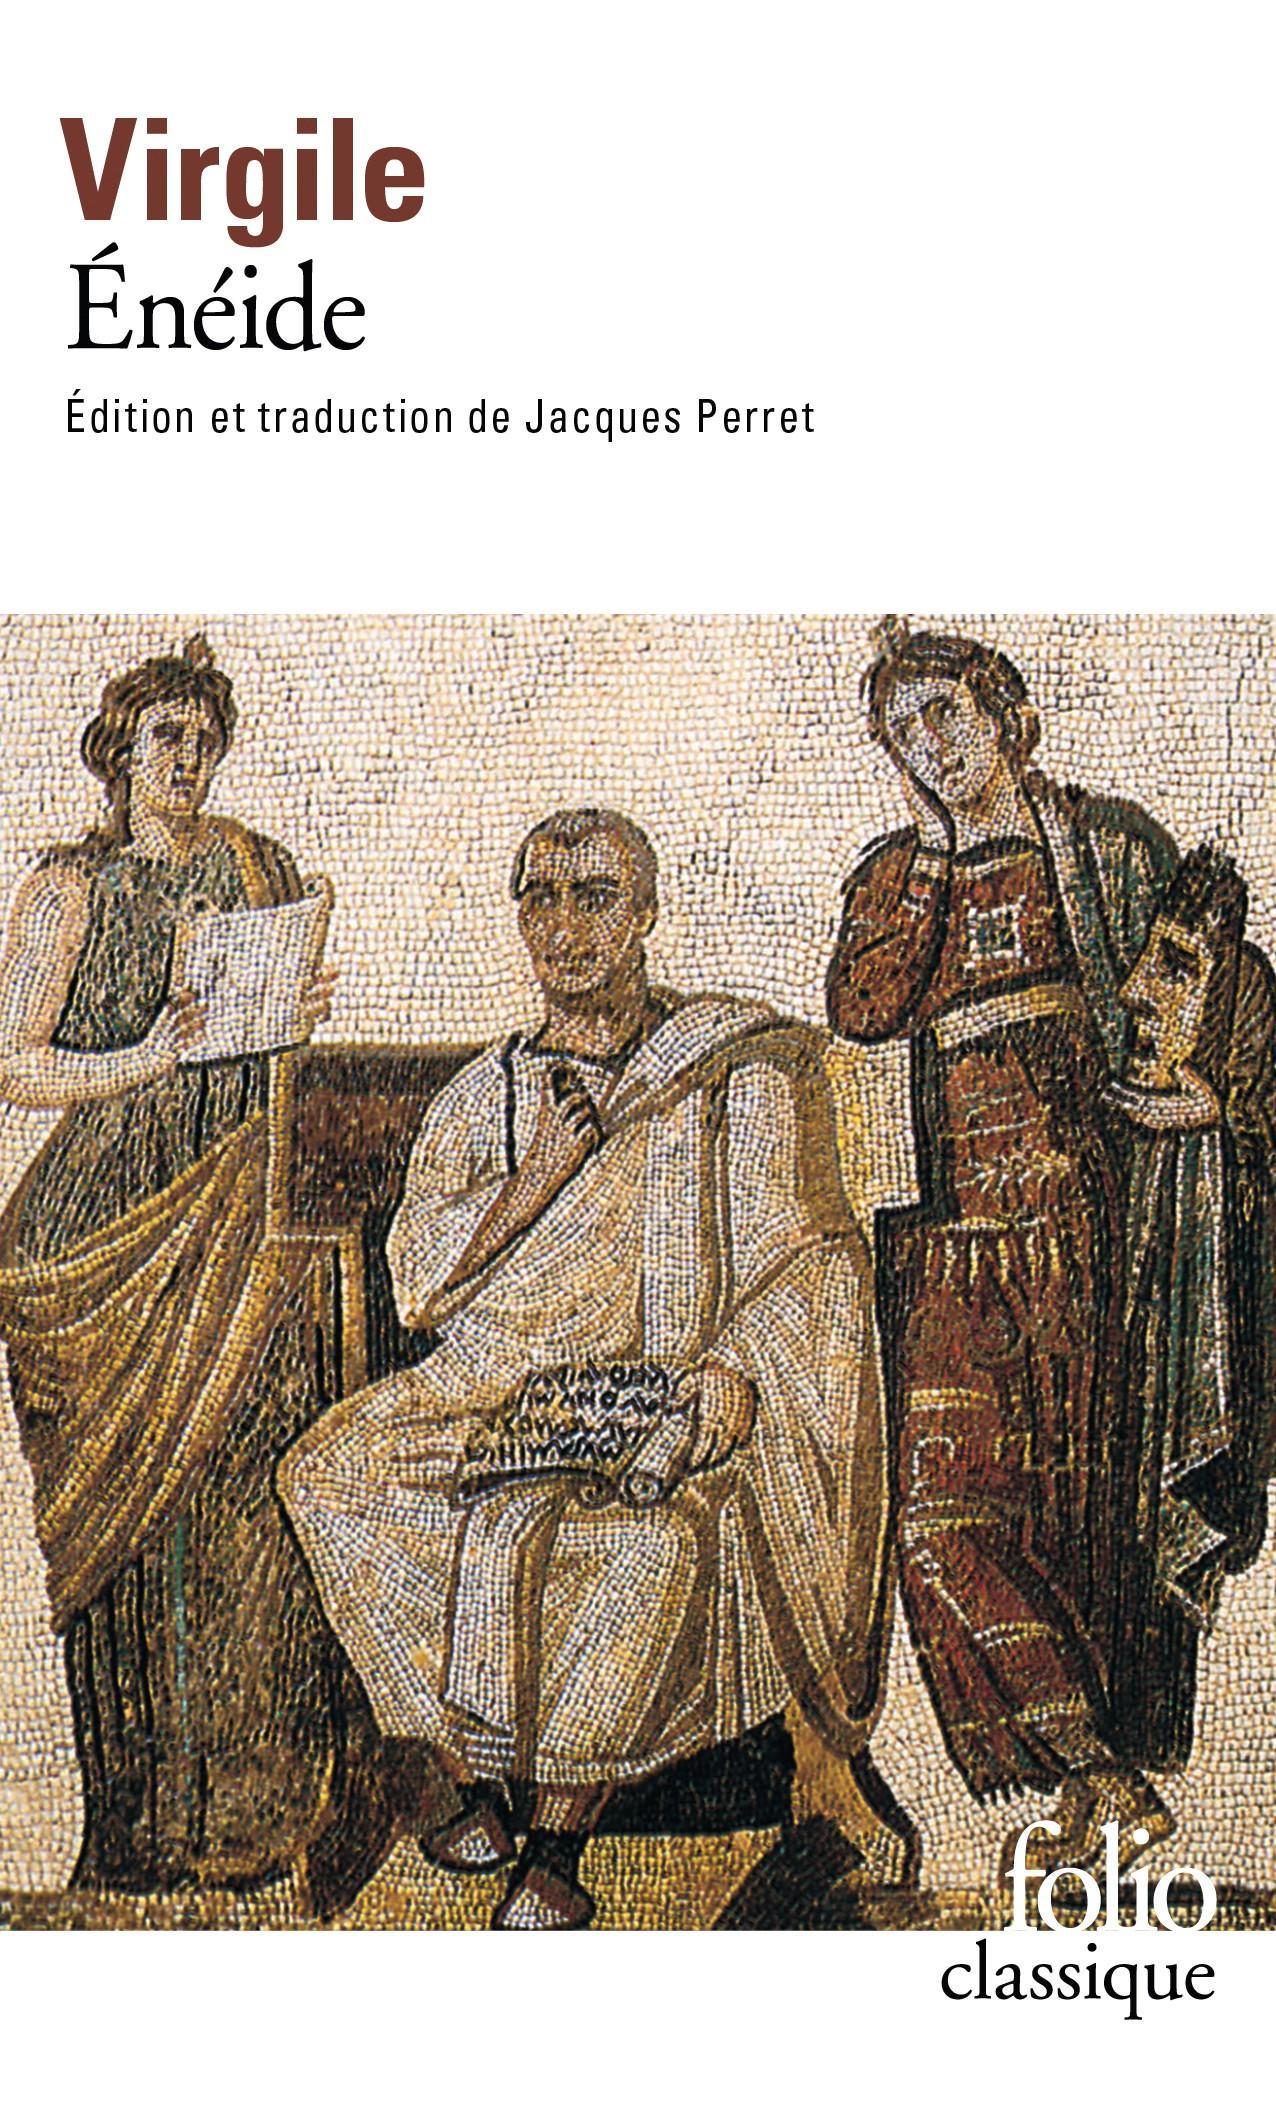 Couverture de L'Énéide de Virgile.